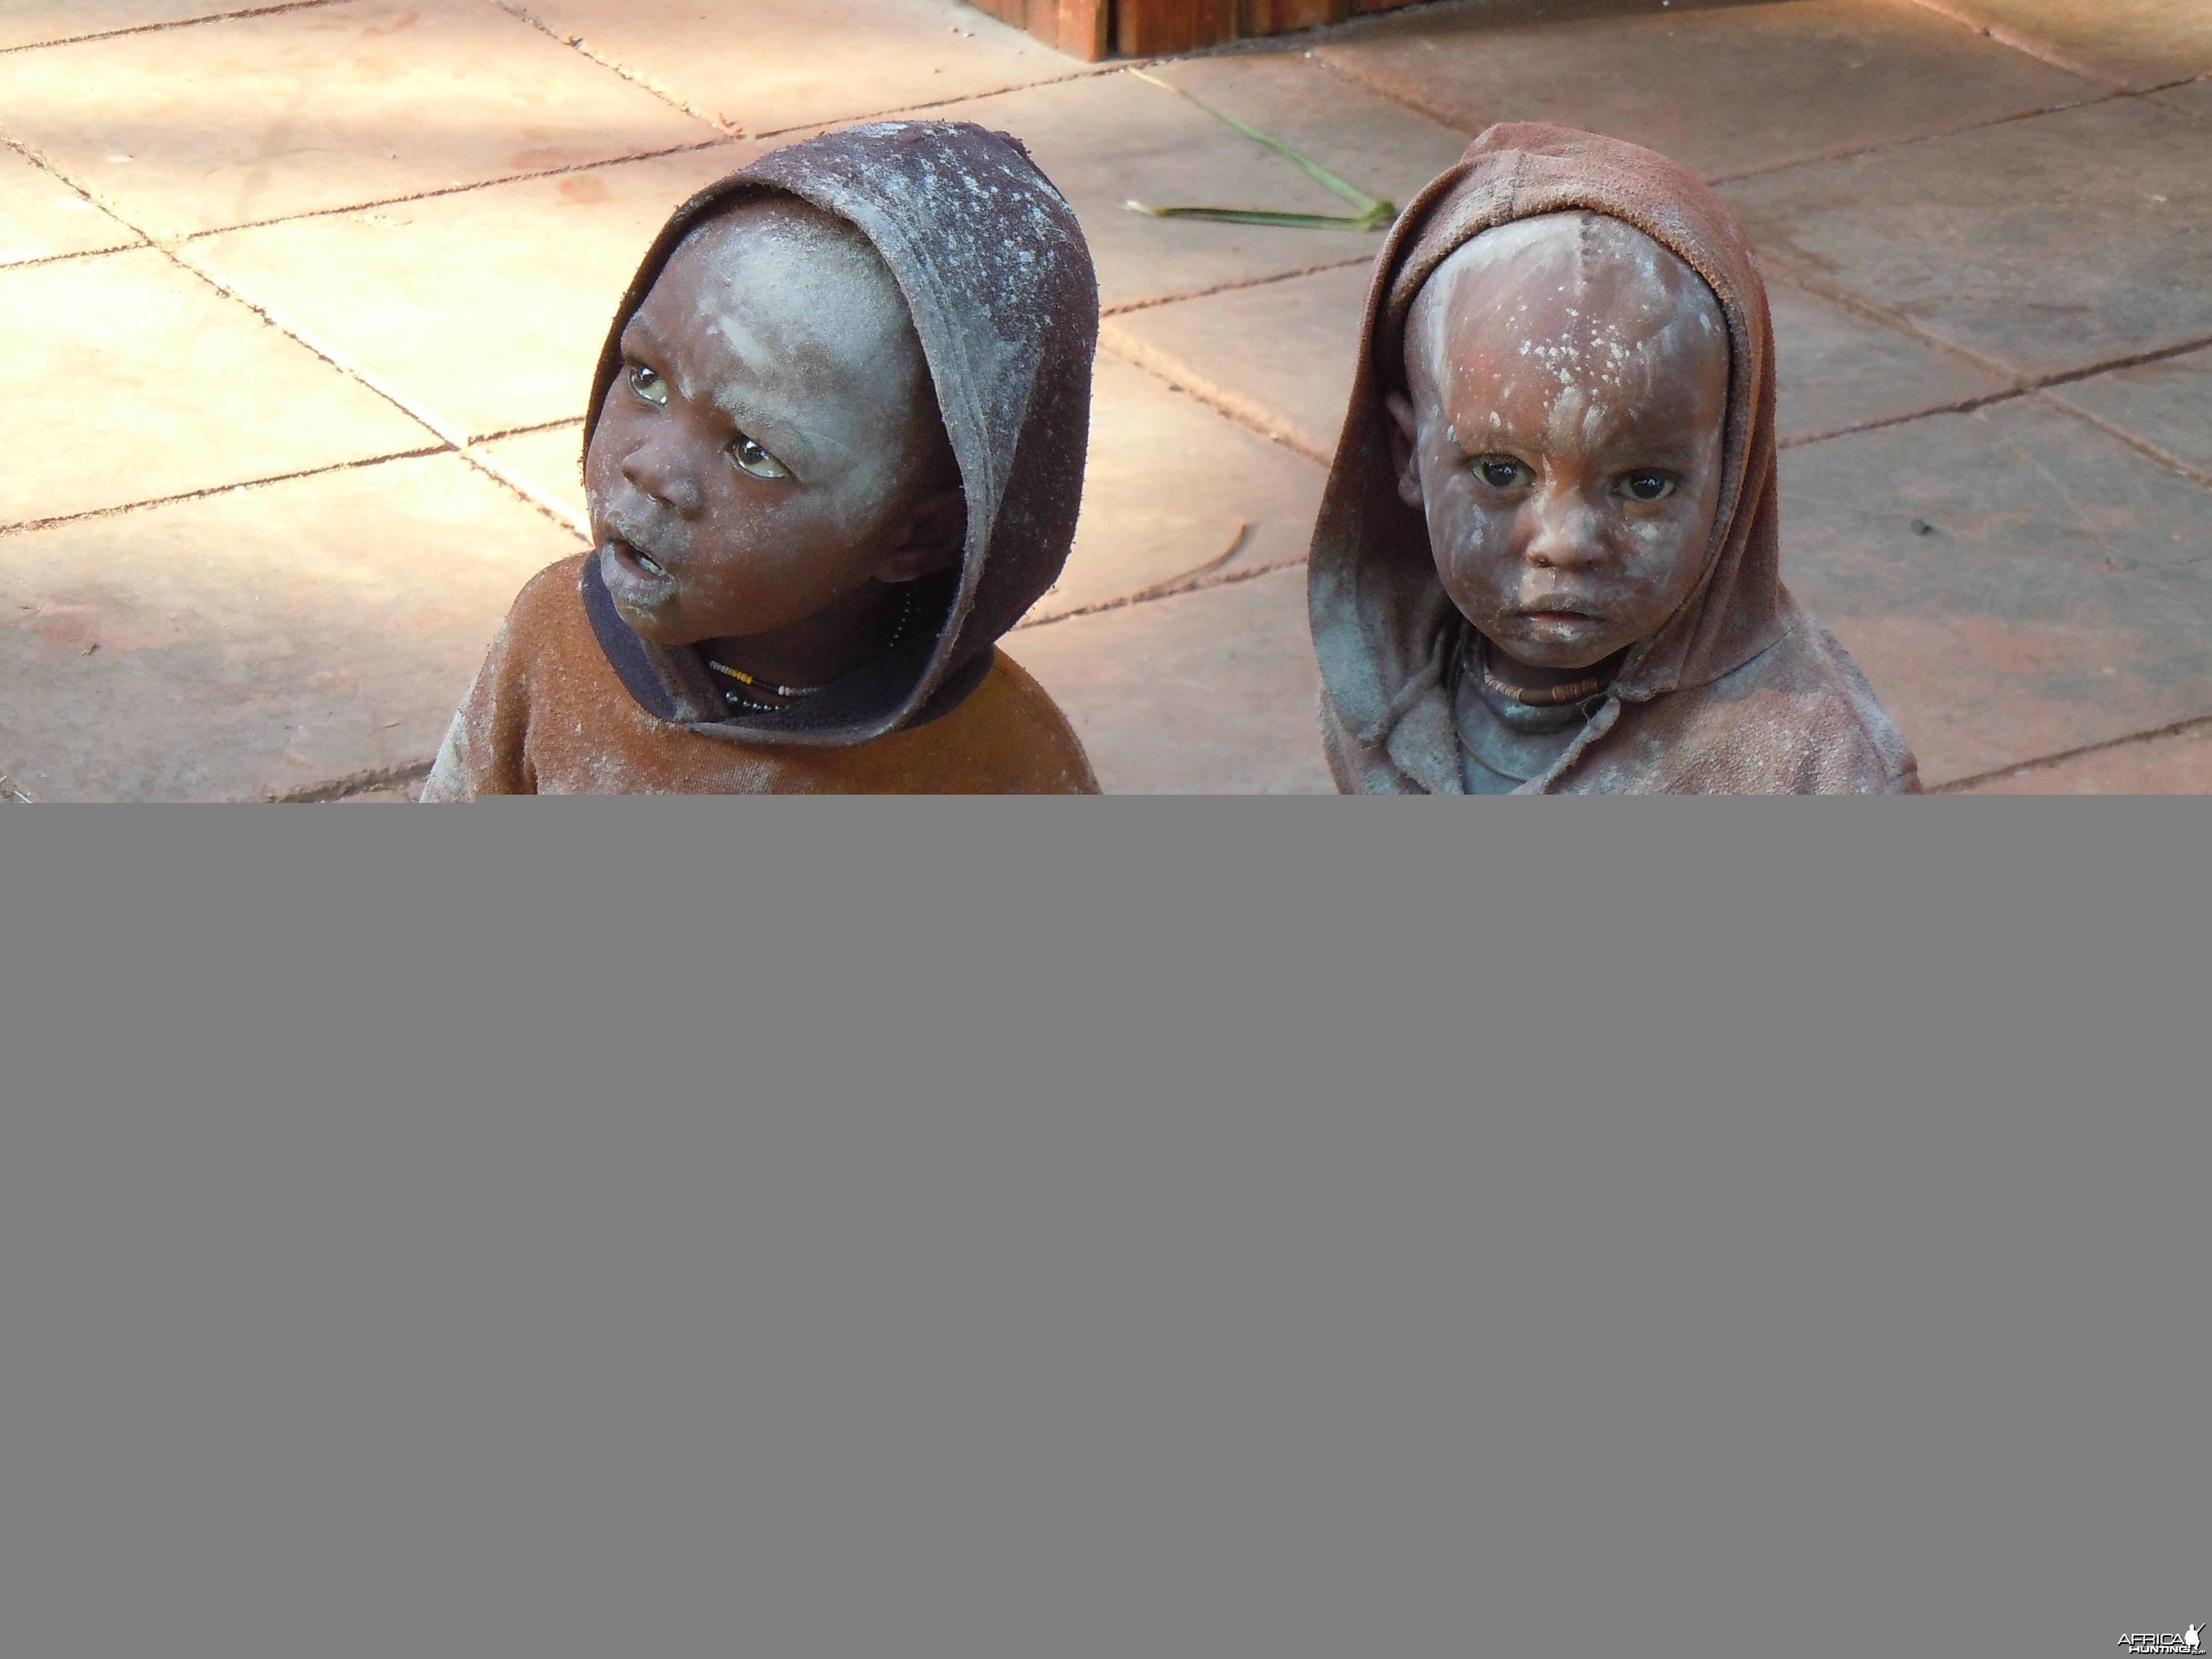 Ovahimba children